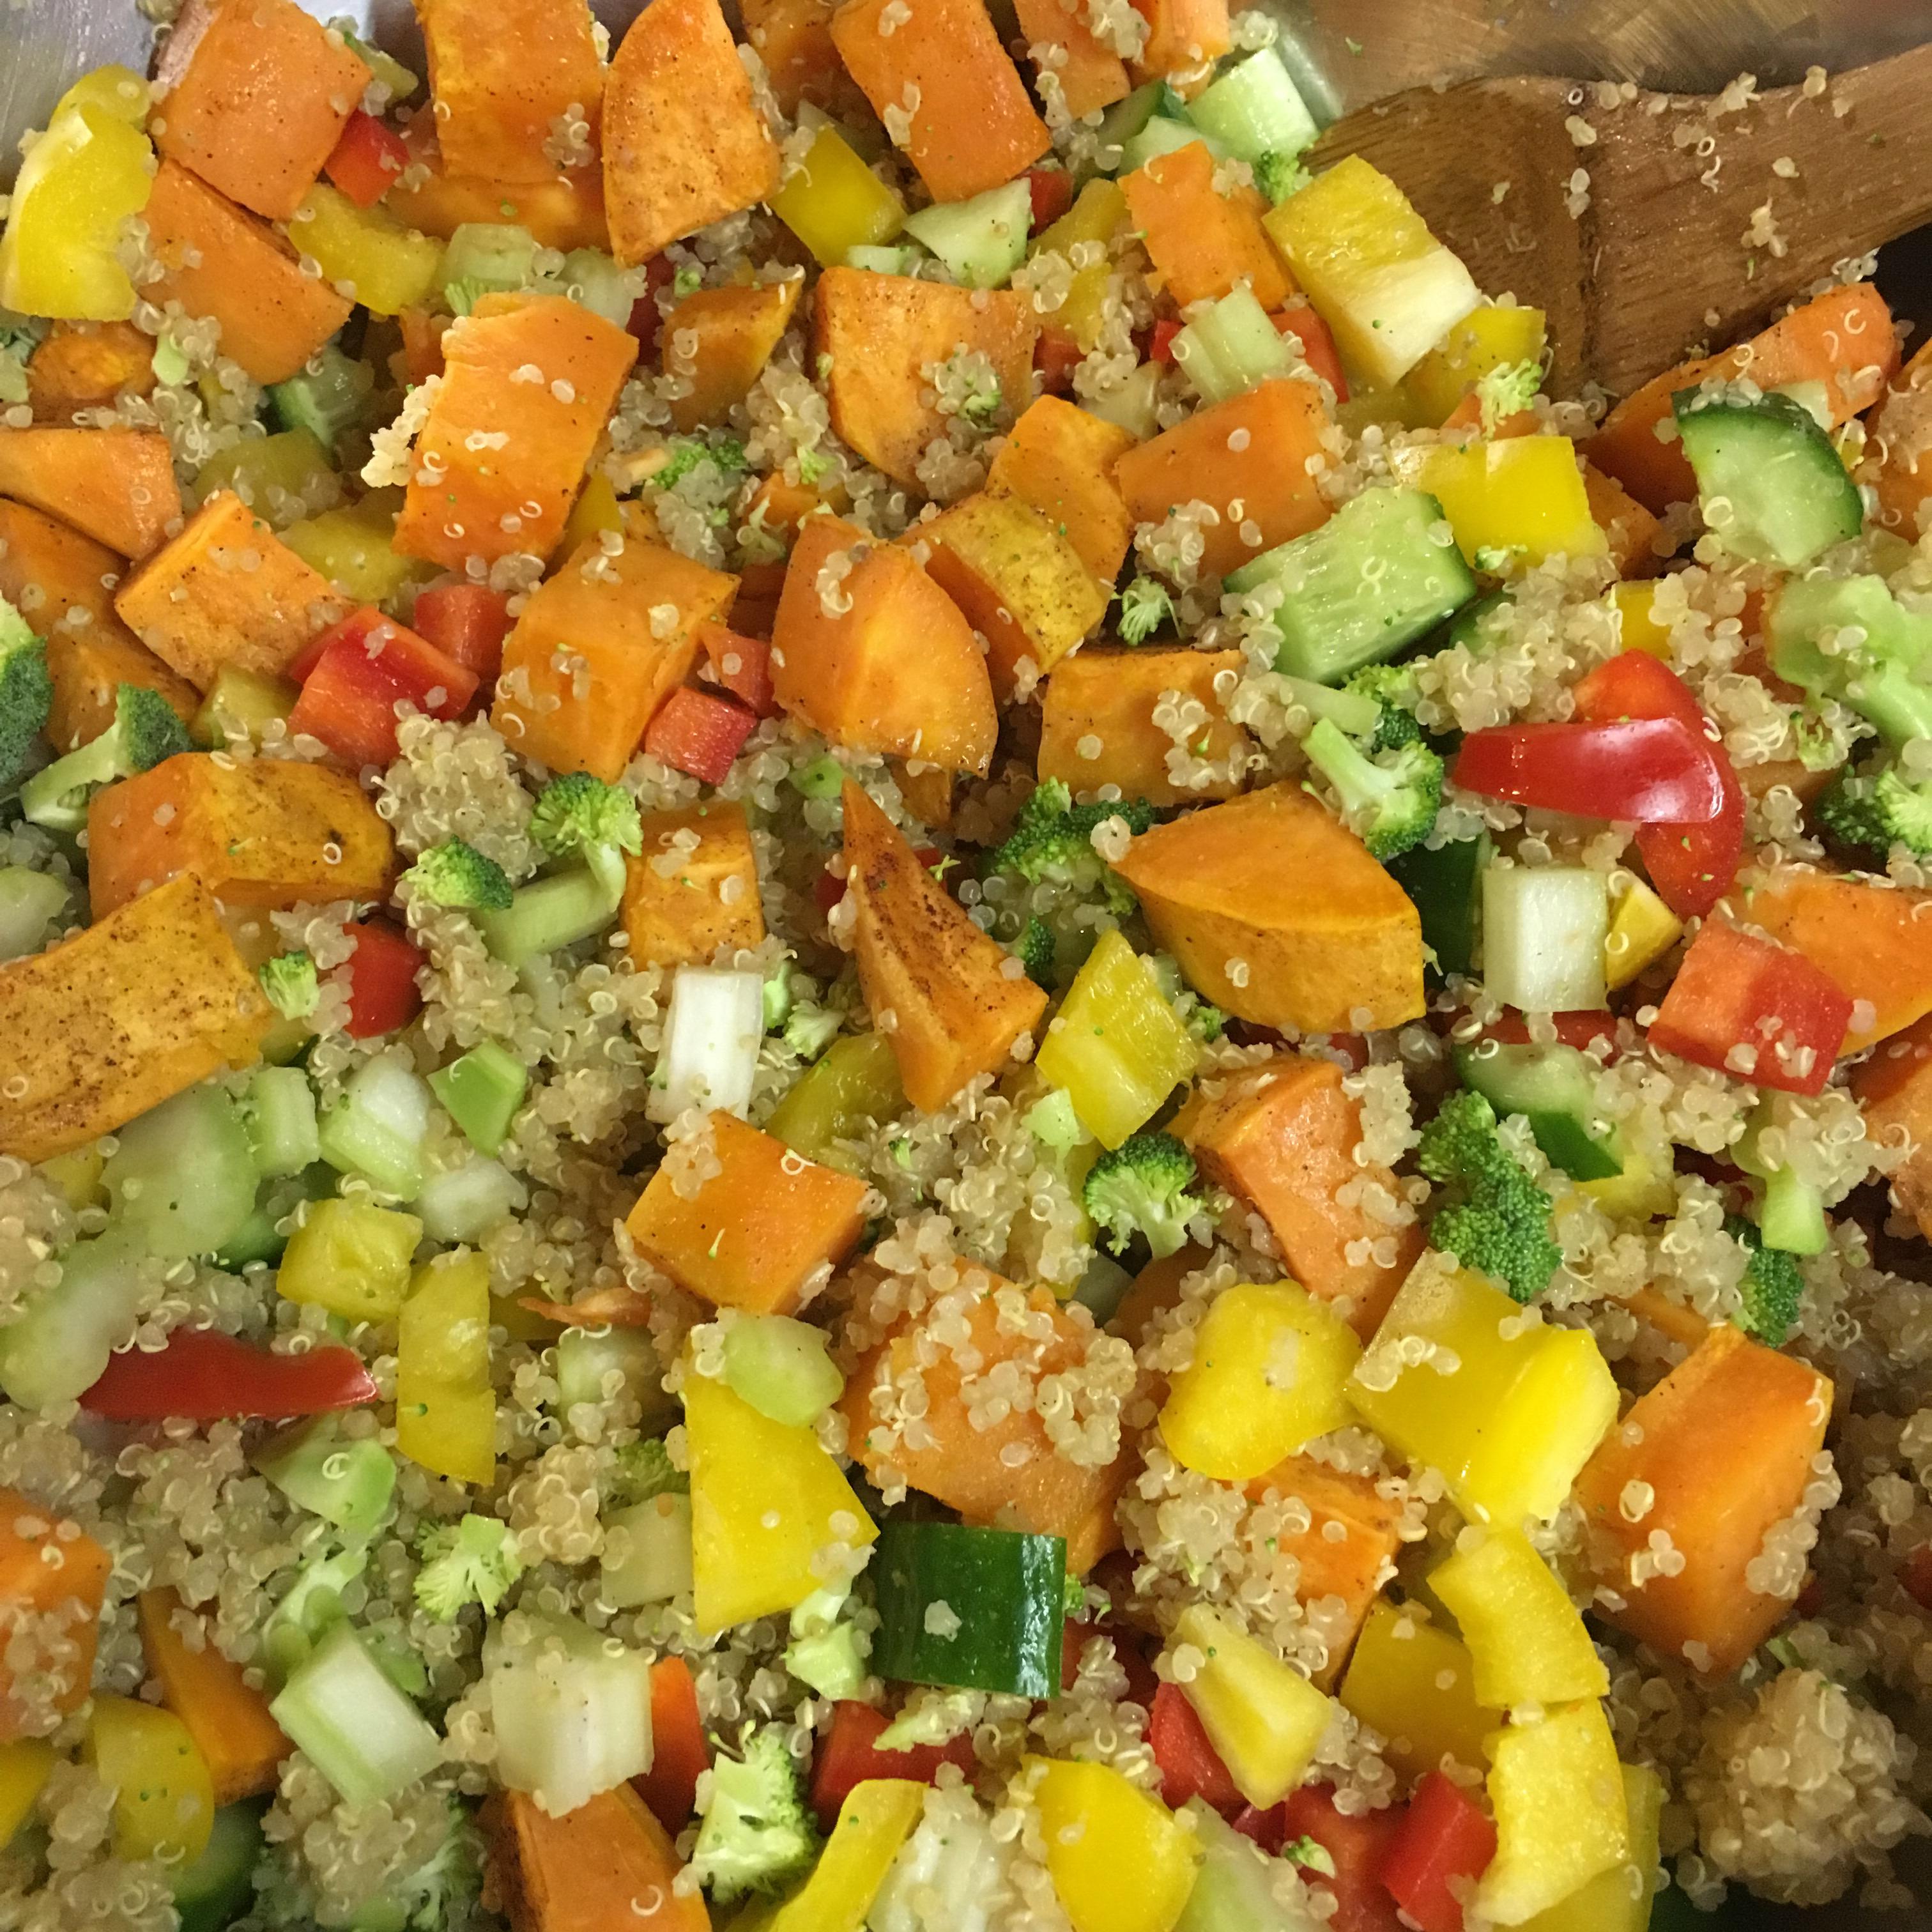 Roasted Sweet Potato Quinoa Salad Cateperry7